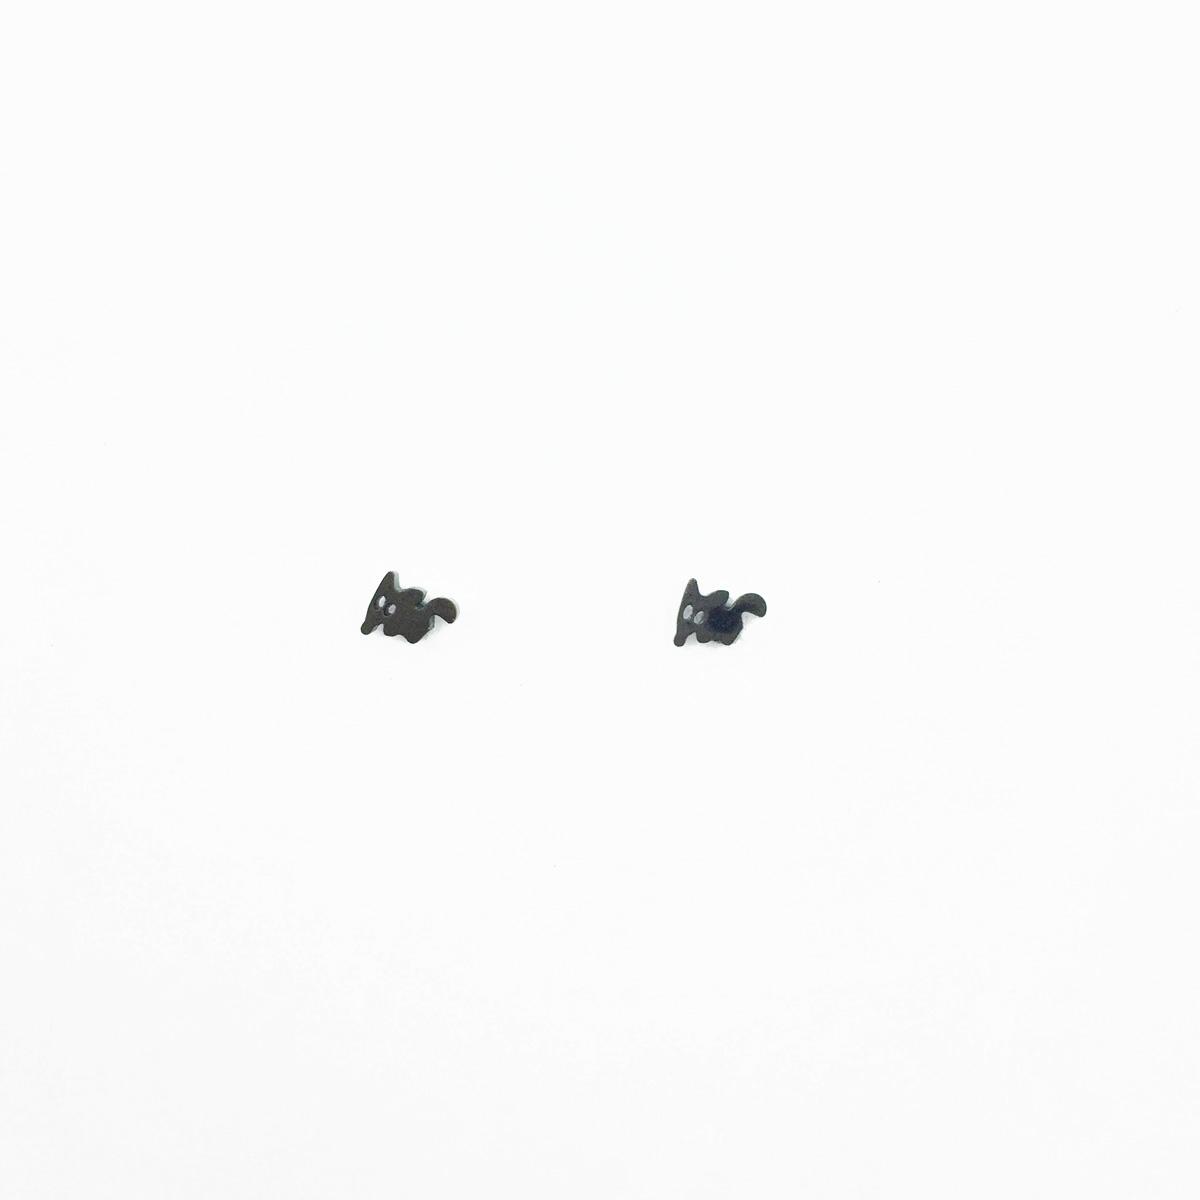 韓國 不鏽鋼 動物 黑色 可愛款 後轉耳針式耳環